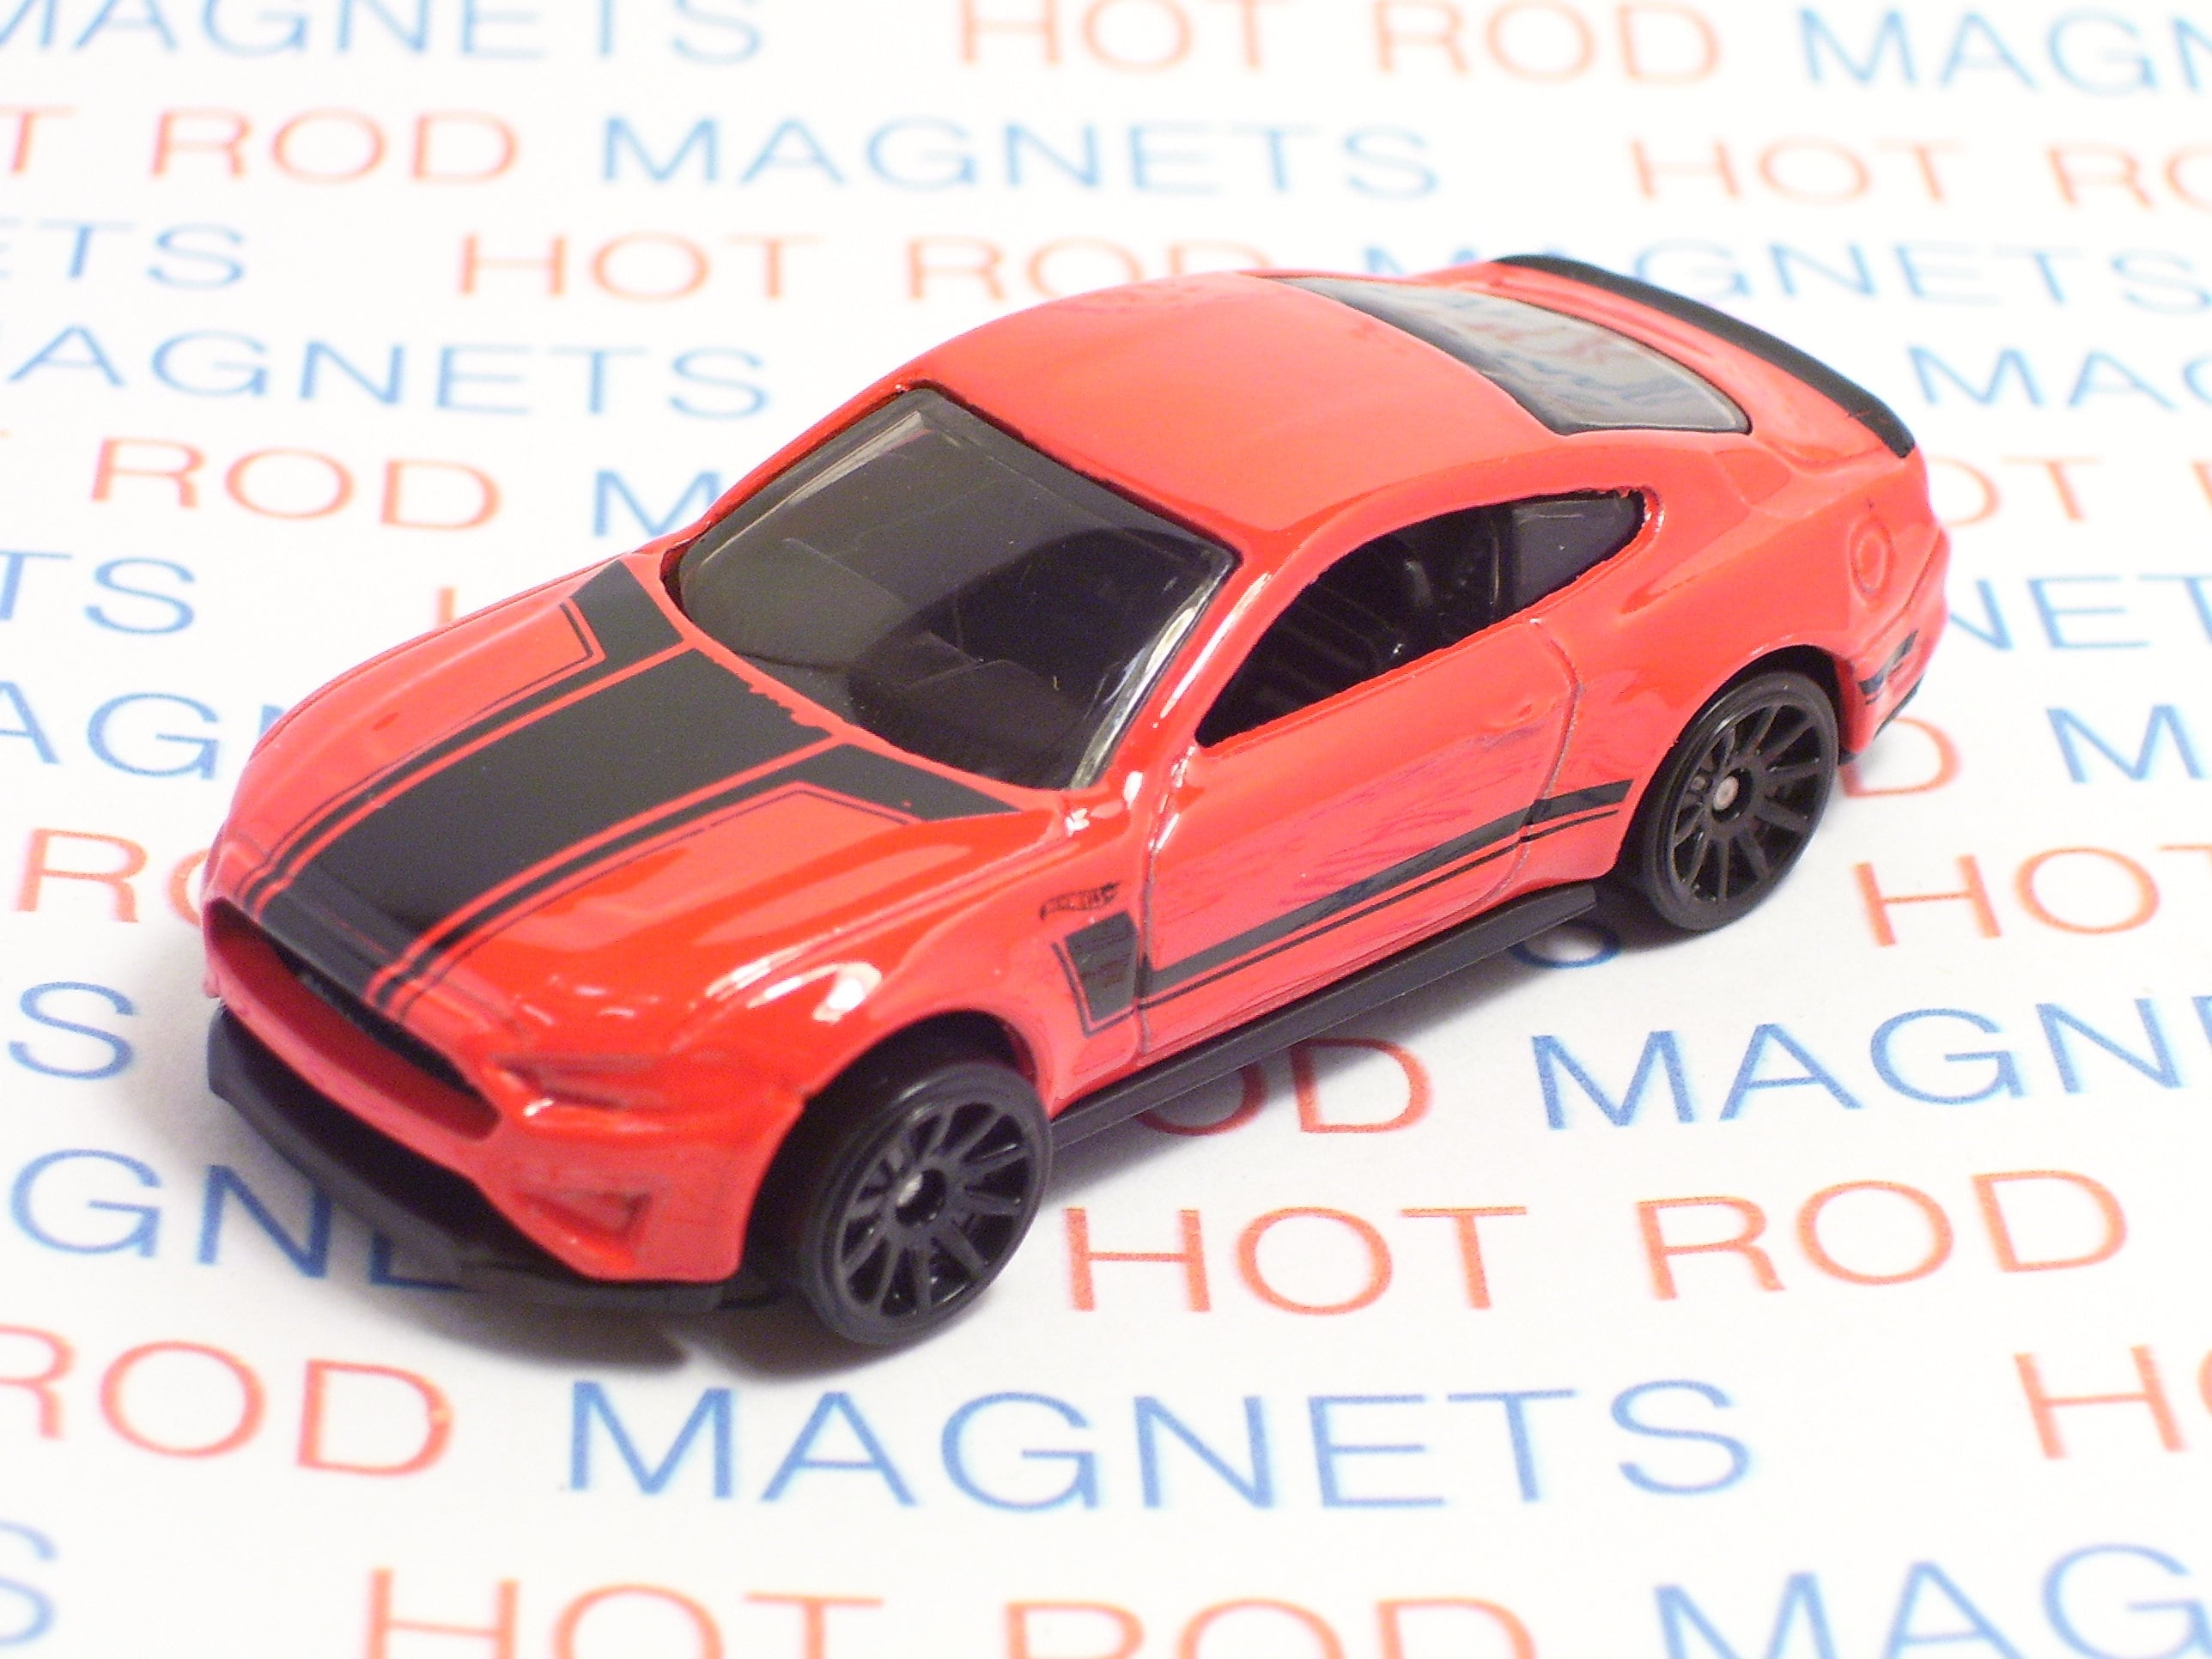 Hot Rod Magnet 2018 Ford Mustang GT Hot Rod Refrigerator